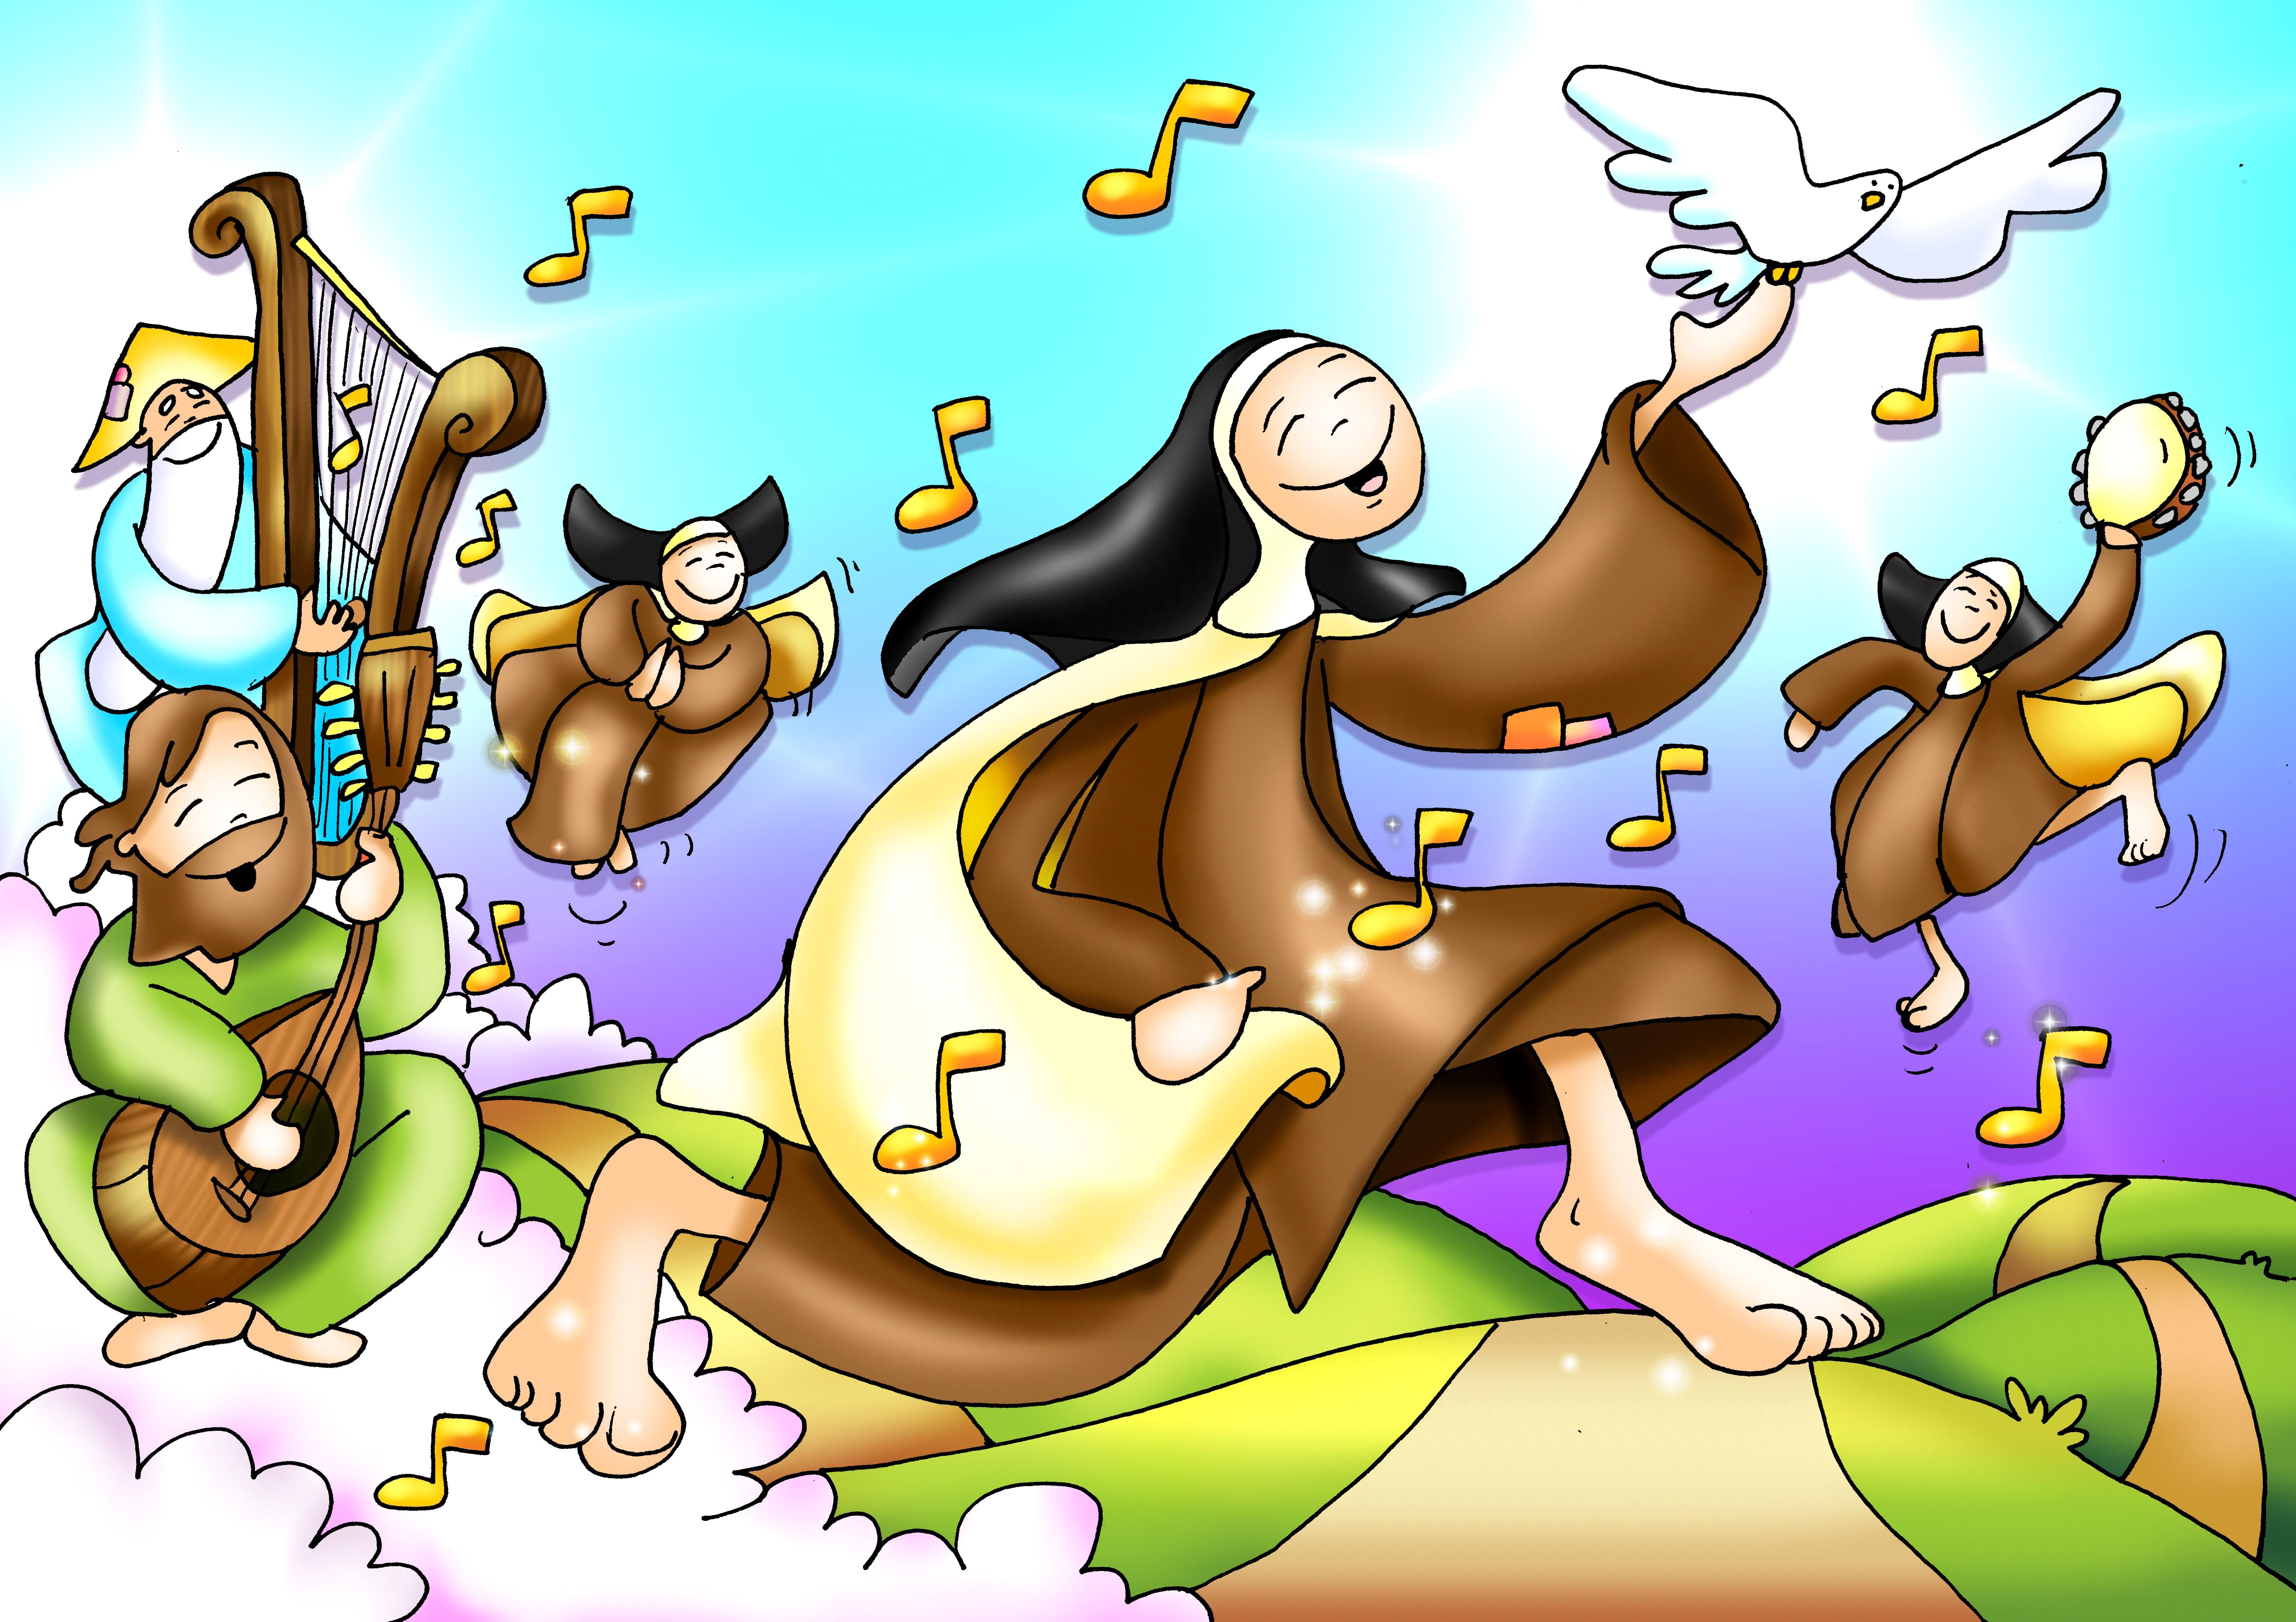 Que Palabra Expresa La Alegria De La Pascua Teresa Alegria Trinitaria Color